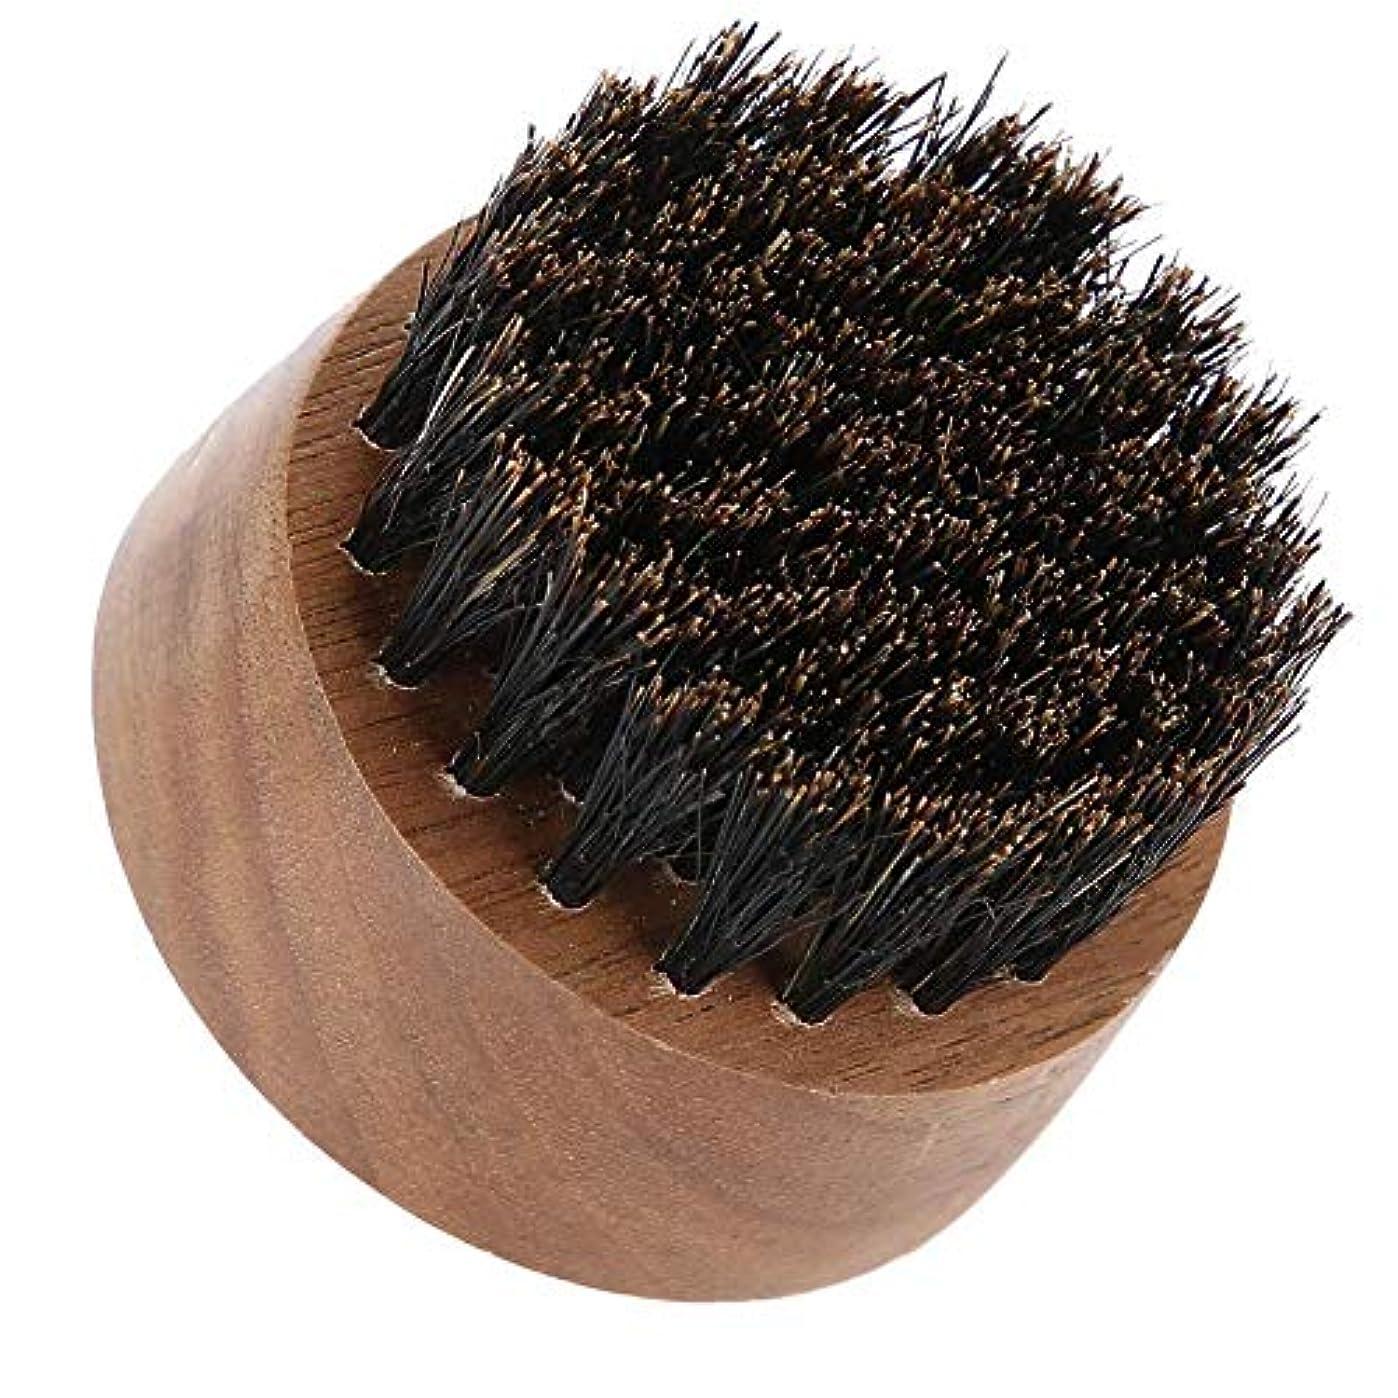 パパテーブルを設定する脅かす男性ひげブラシ-最高のひげとスキンケア(黒クルミ)